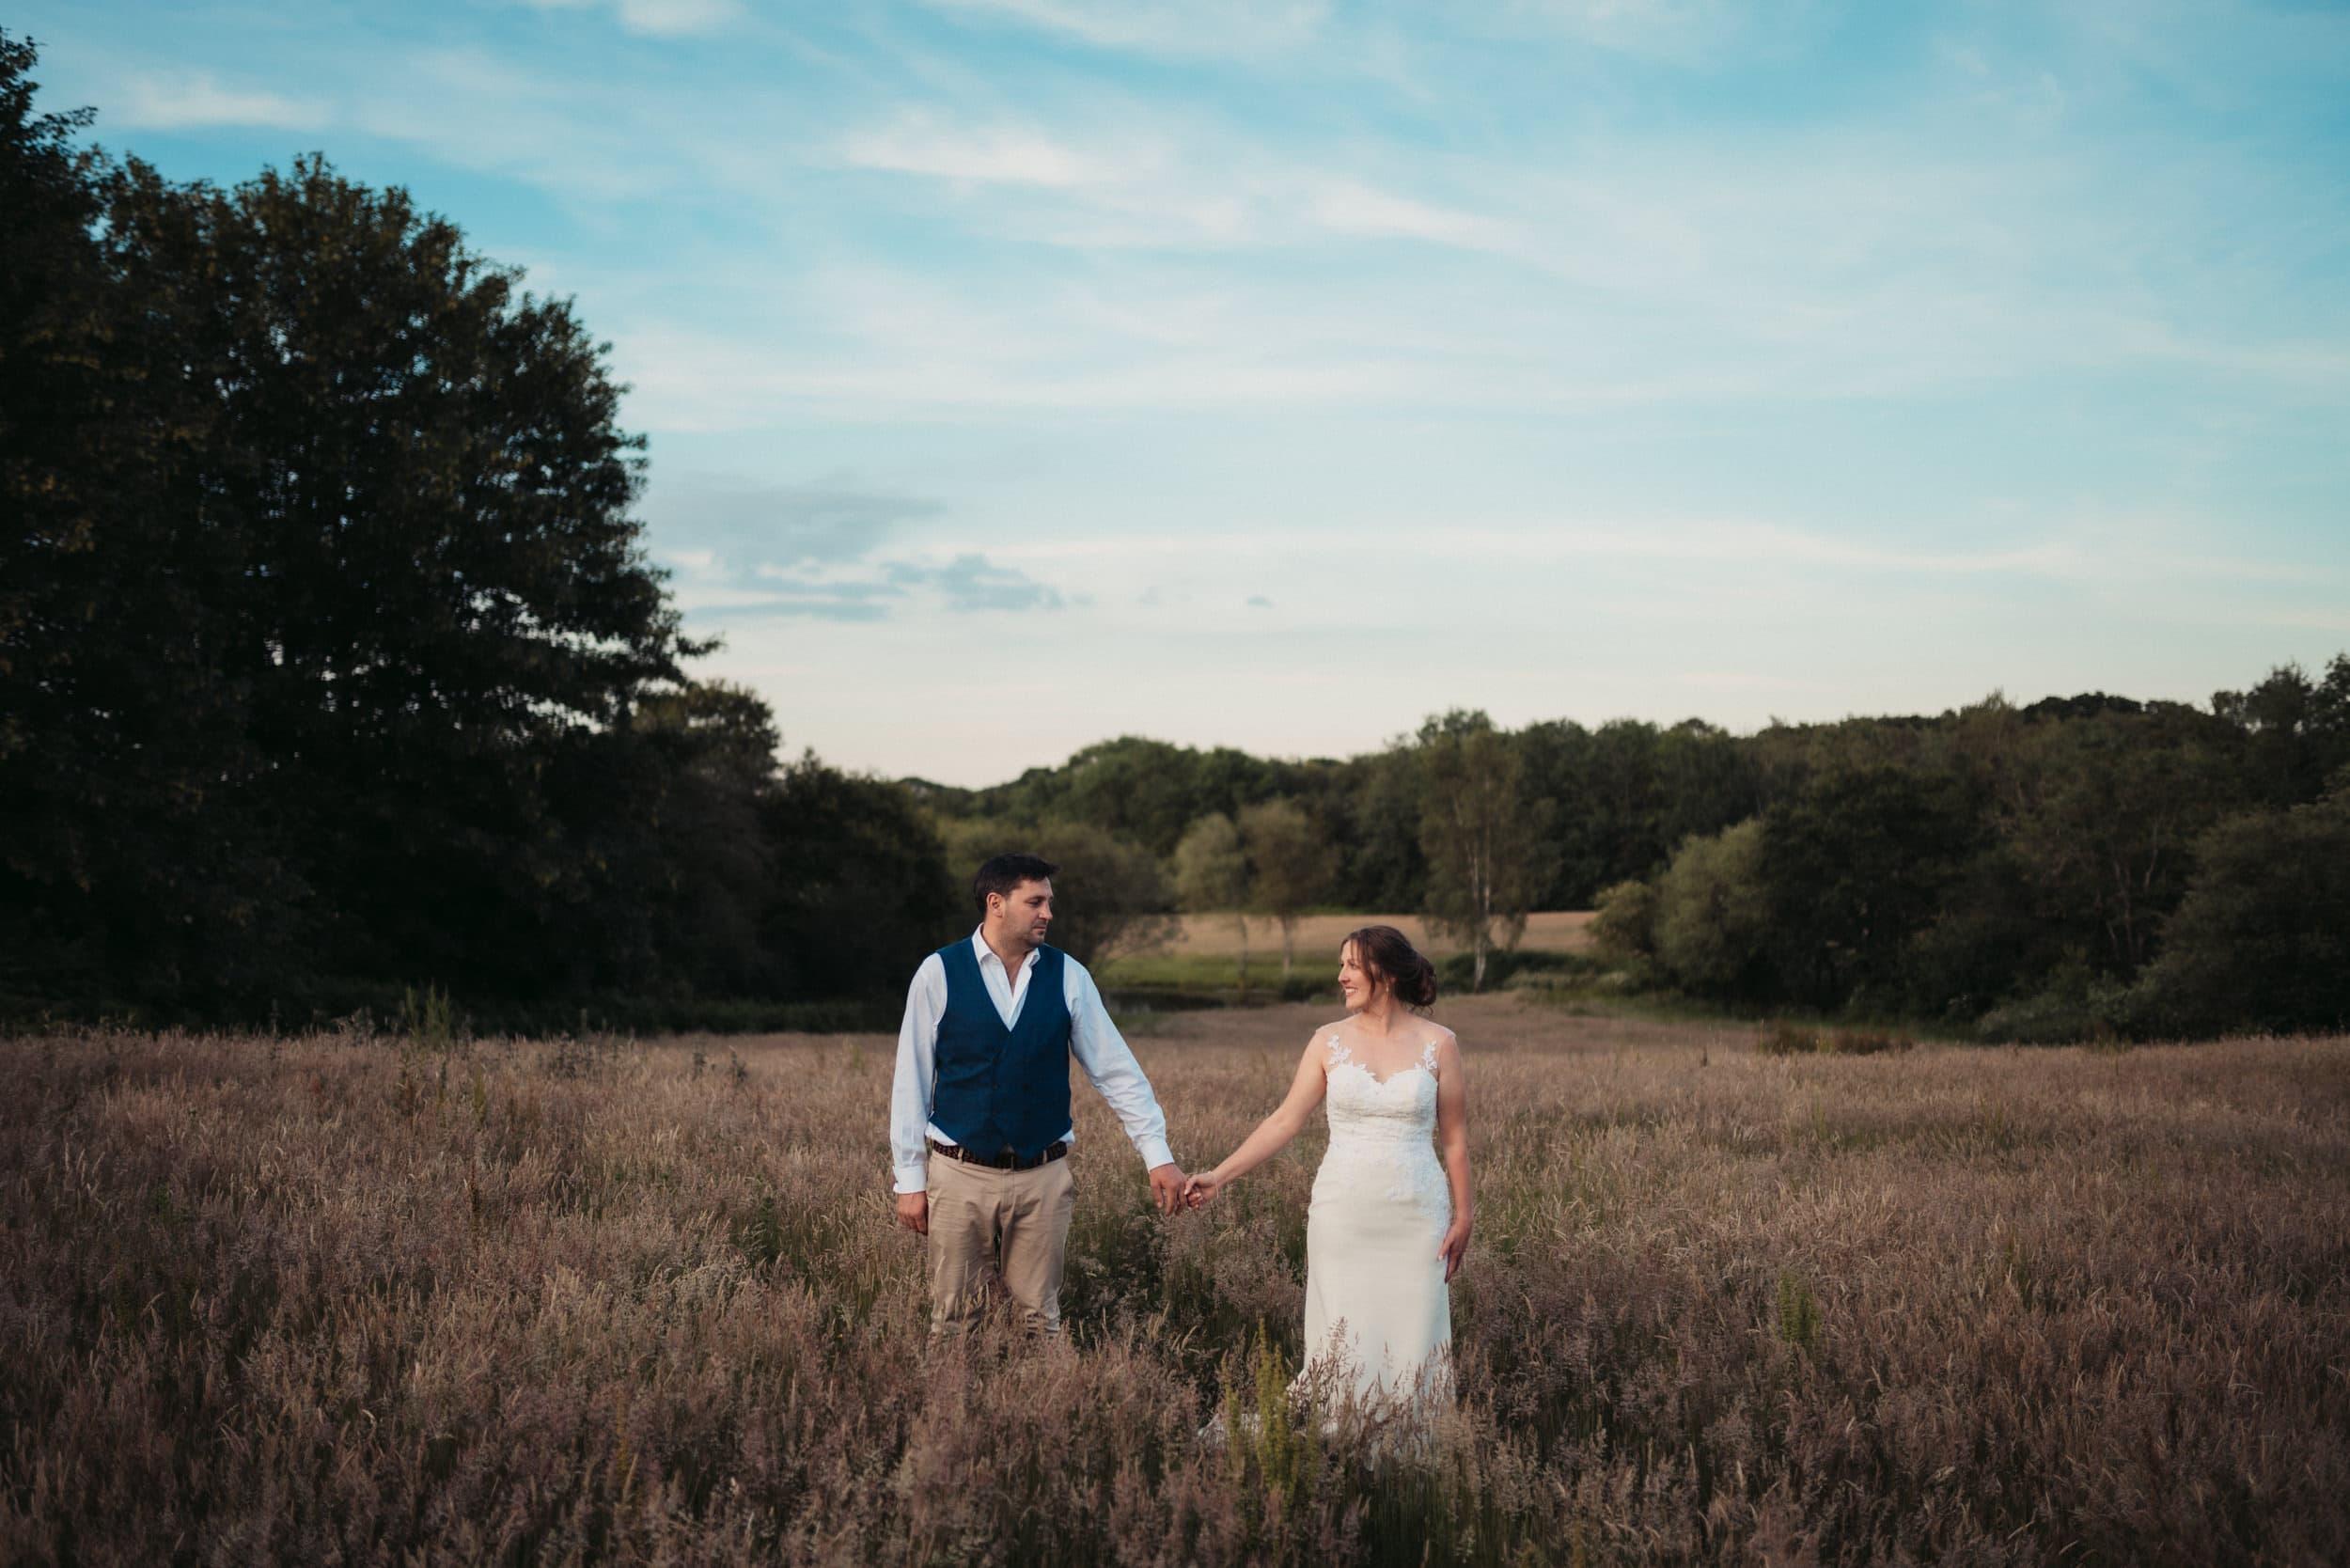 married couple posing in long grass field